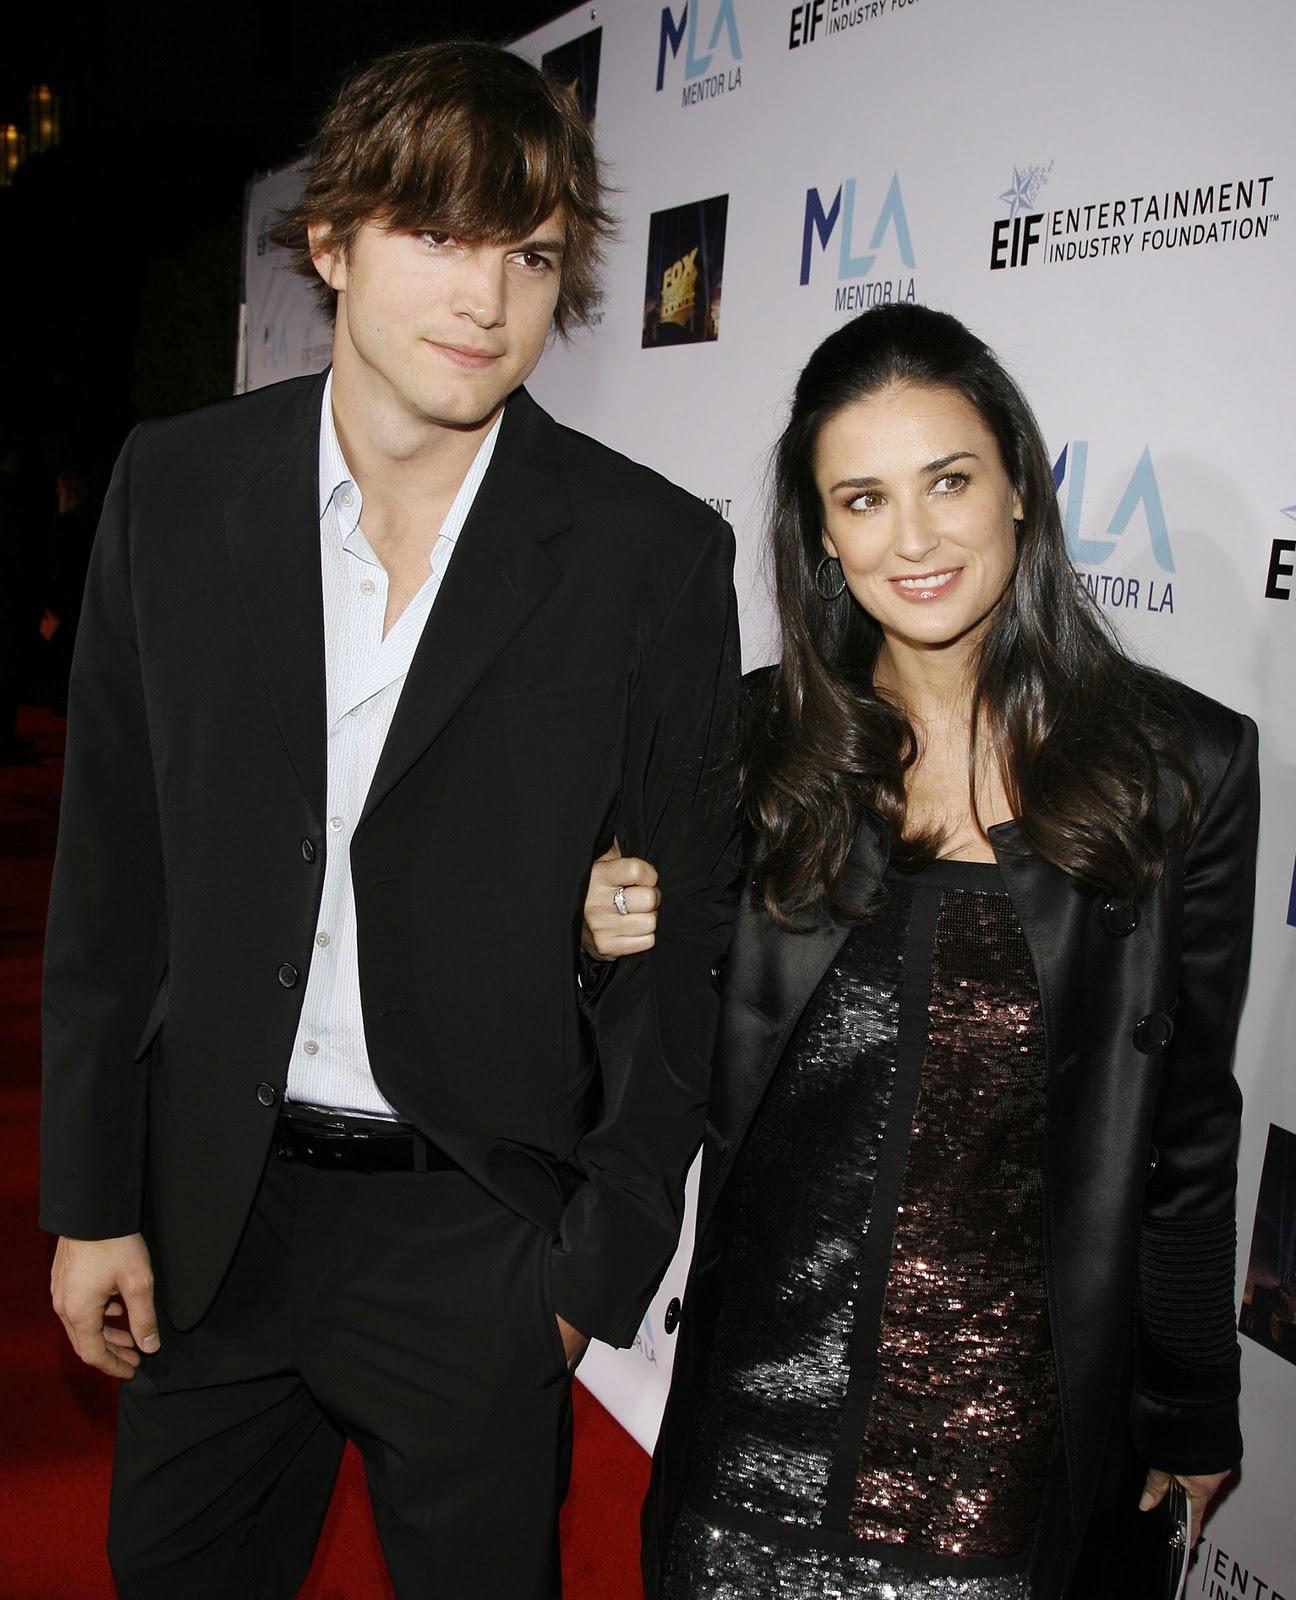 http://4.bp.blogspot.com/-mLIK7hK5JQo/TqsUNbV1VCI/AAAAAAAAAzo/M2TIc-62gfc/s1600/Ashton+Kutcher%2527s+Mistress+Sara+Leal+Topless+Photos+Leaked+www.blogywoodbabes.blogspot.com+041.jpg